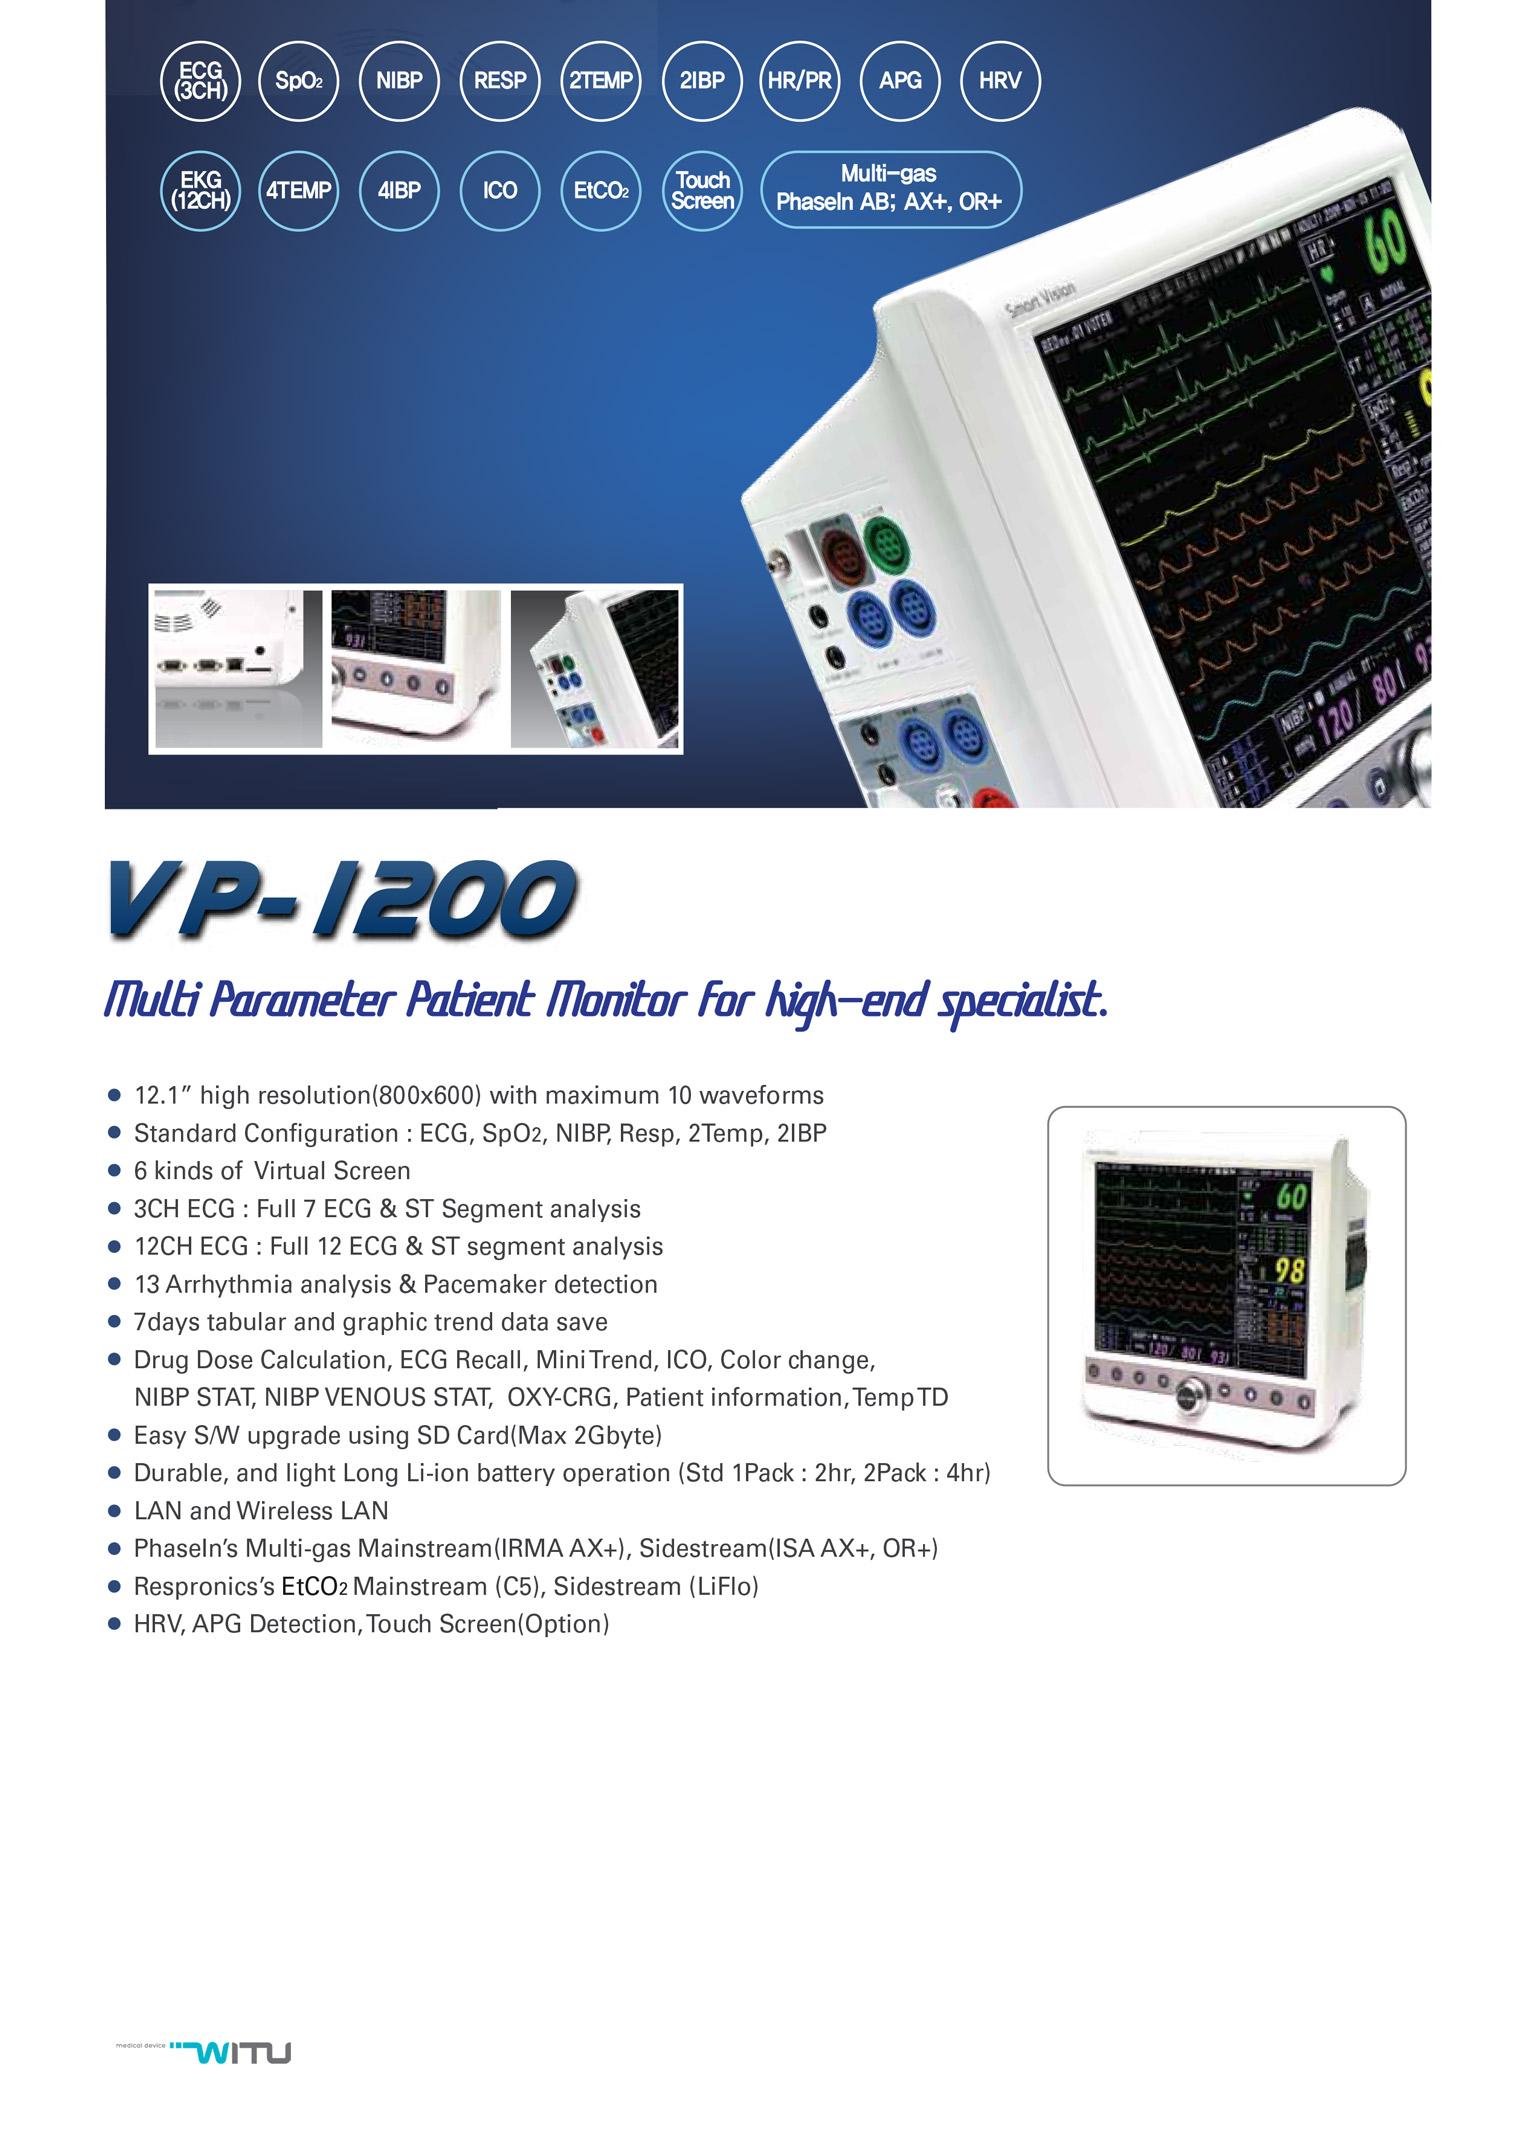 VP-1200_s1.jpg